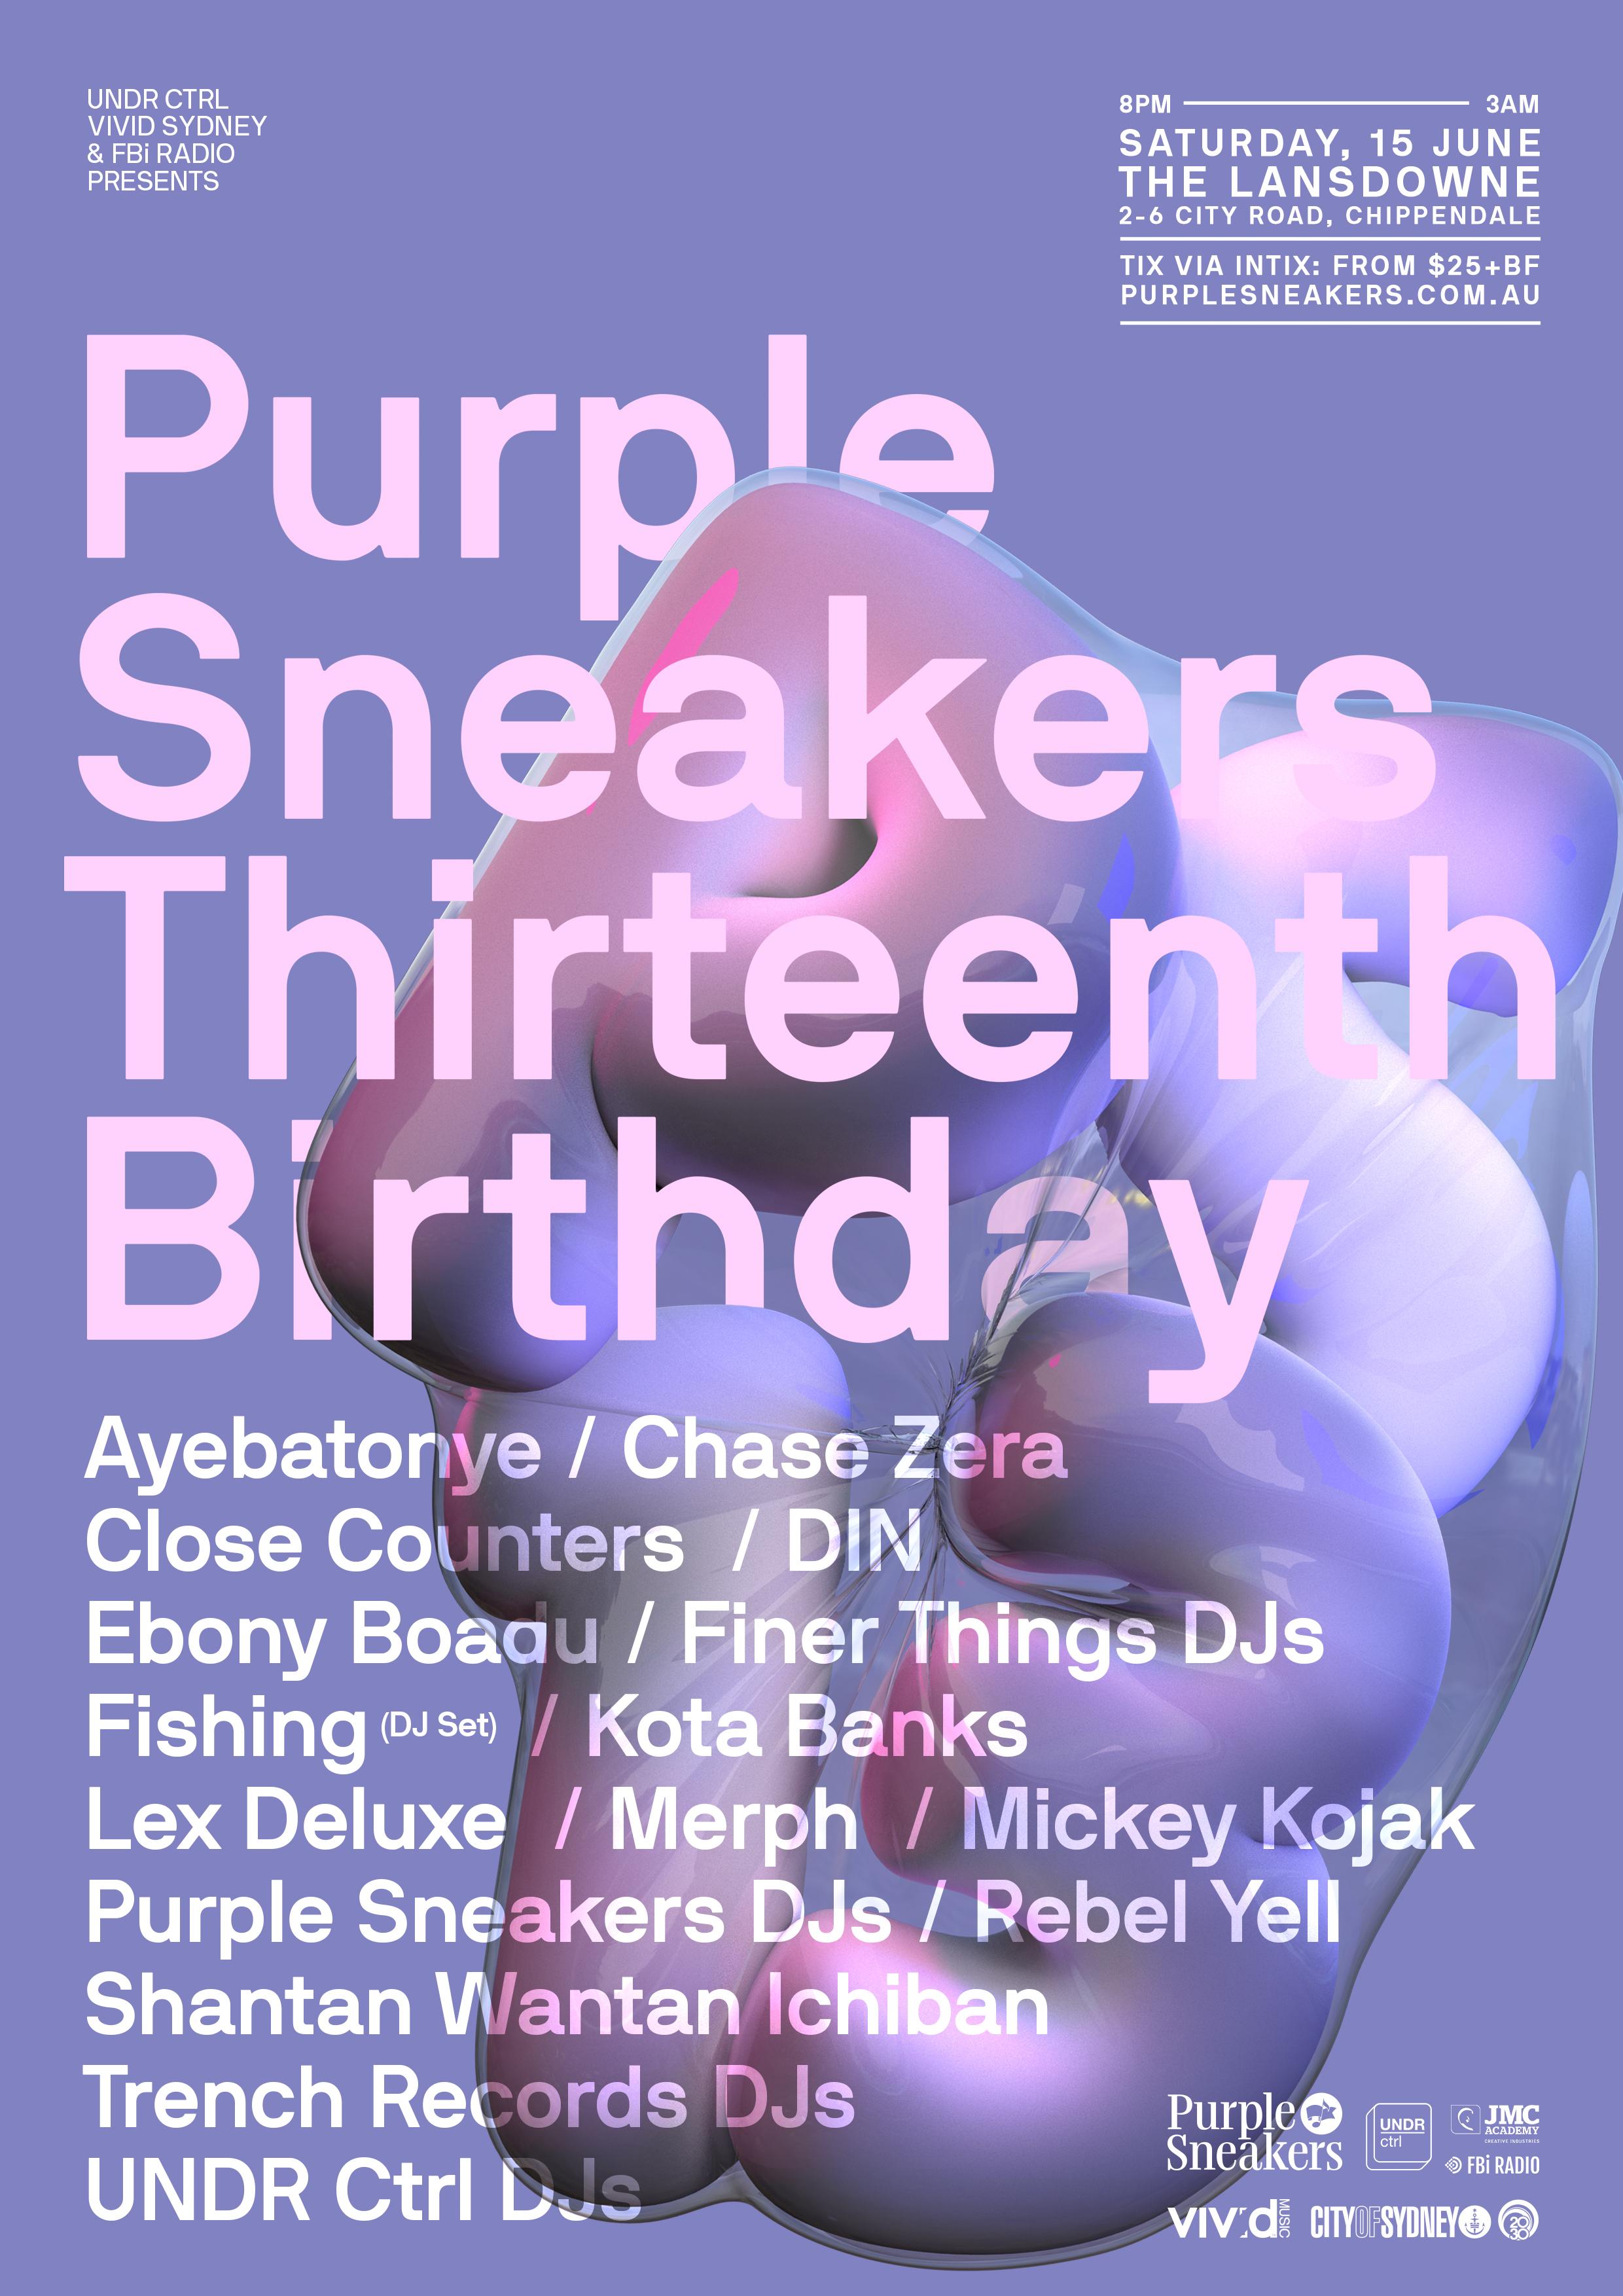 A4-Event-Poster_2480x3508.jpg